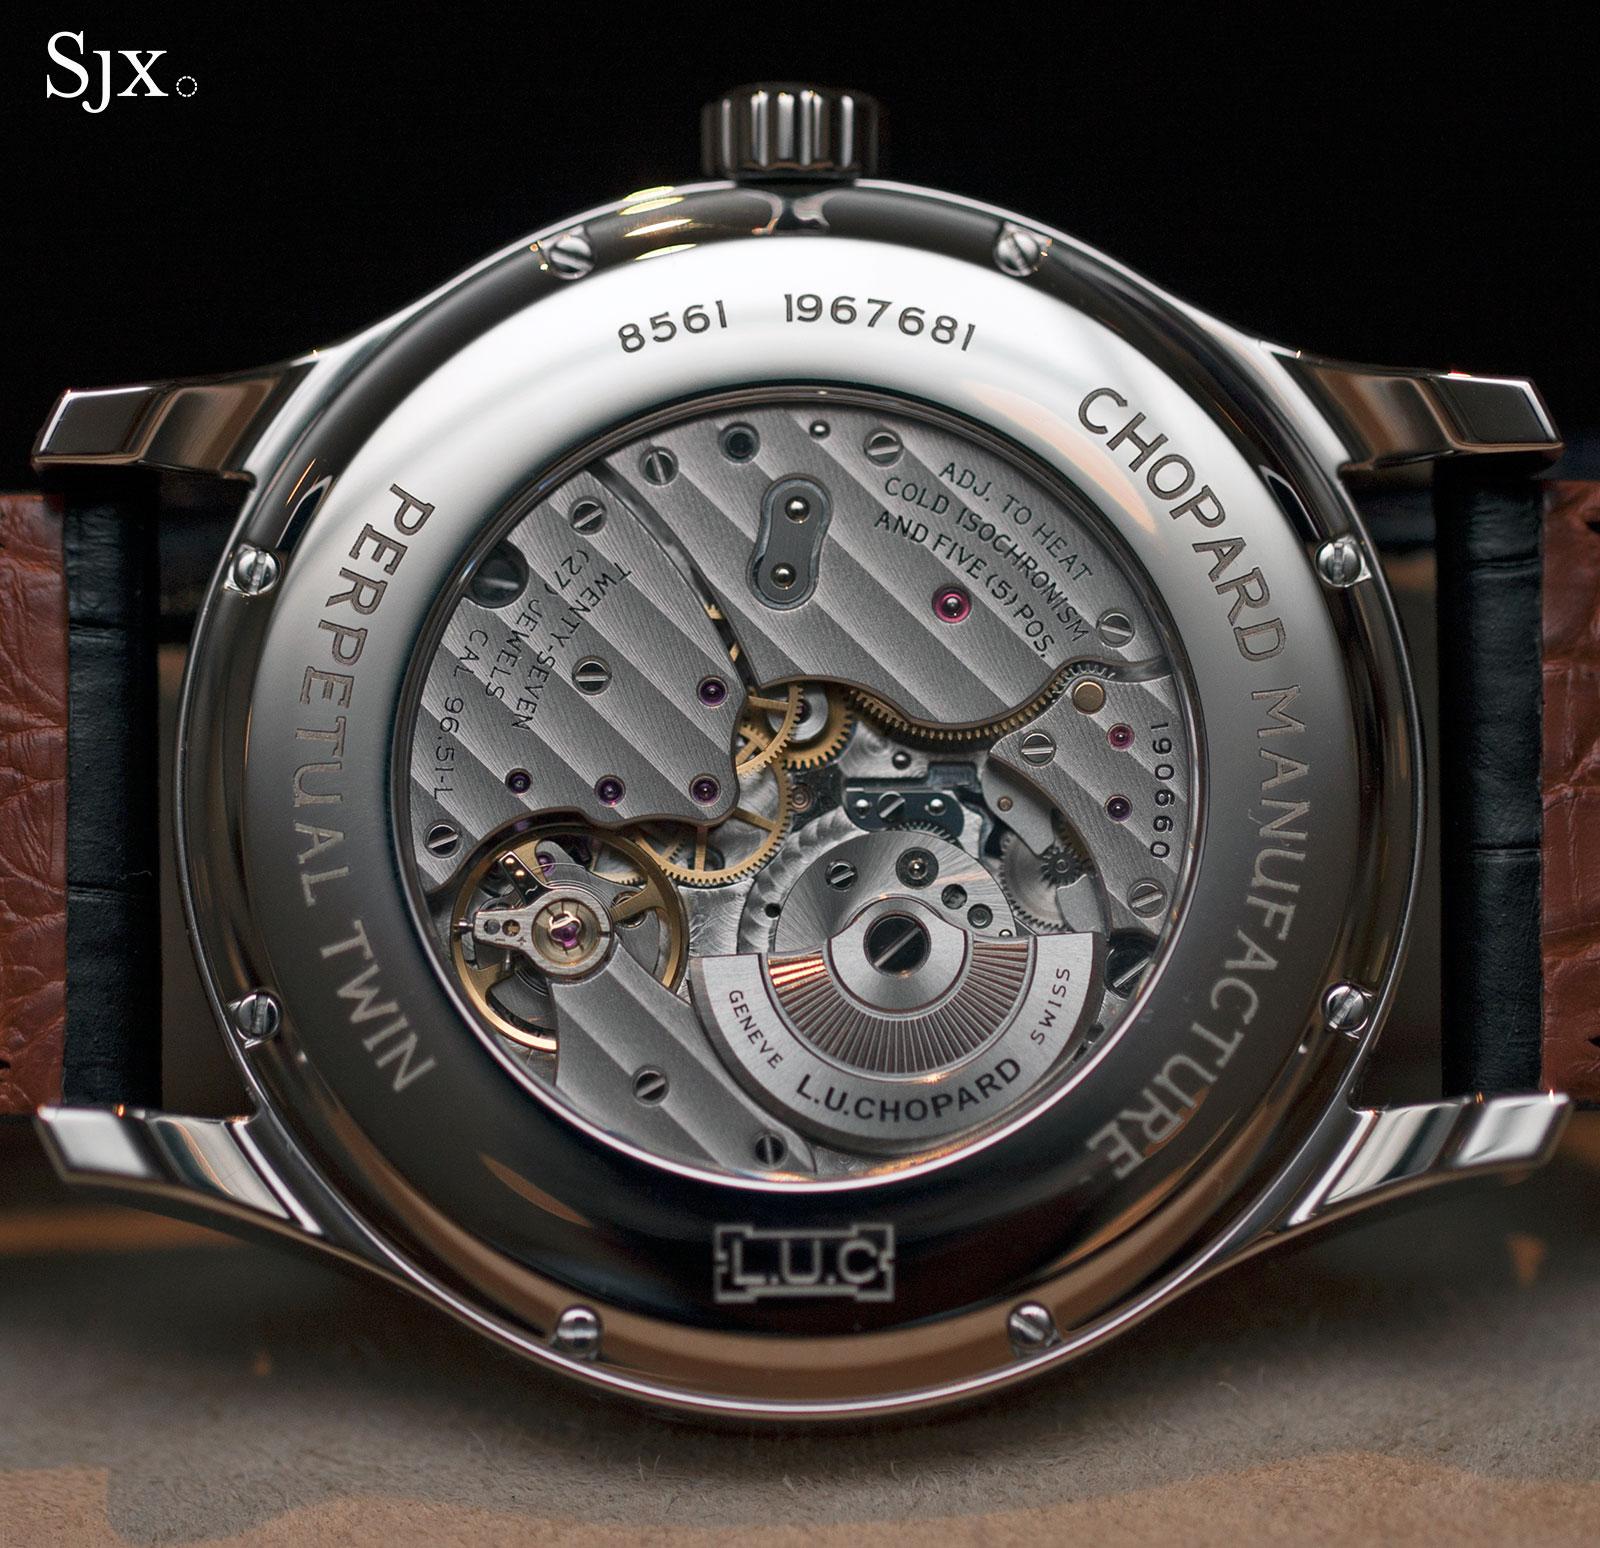 Chopard L.U.C Perpetual Twin steel perpetual calendar 1